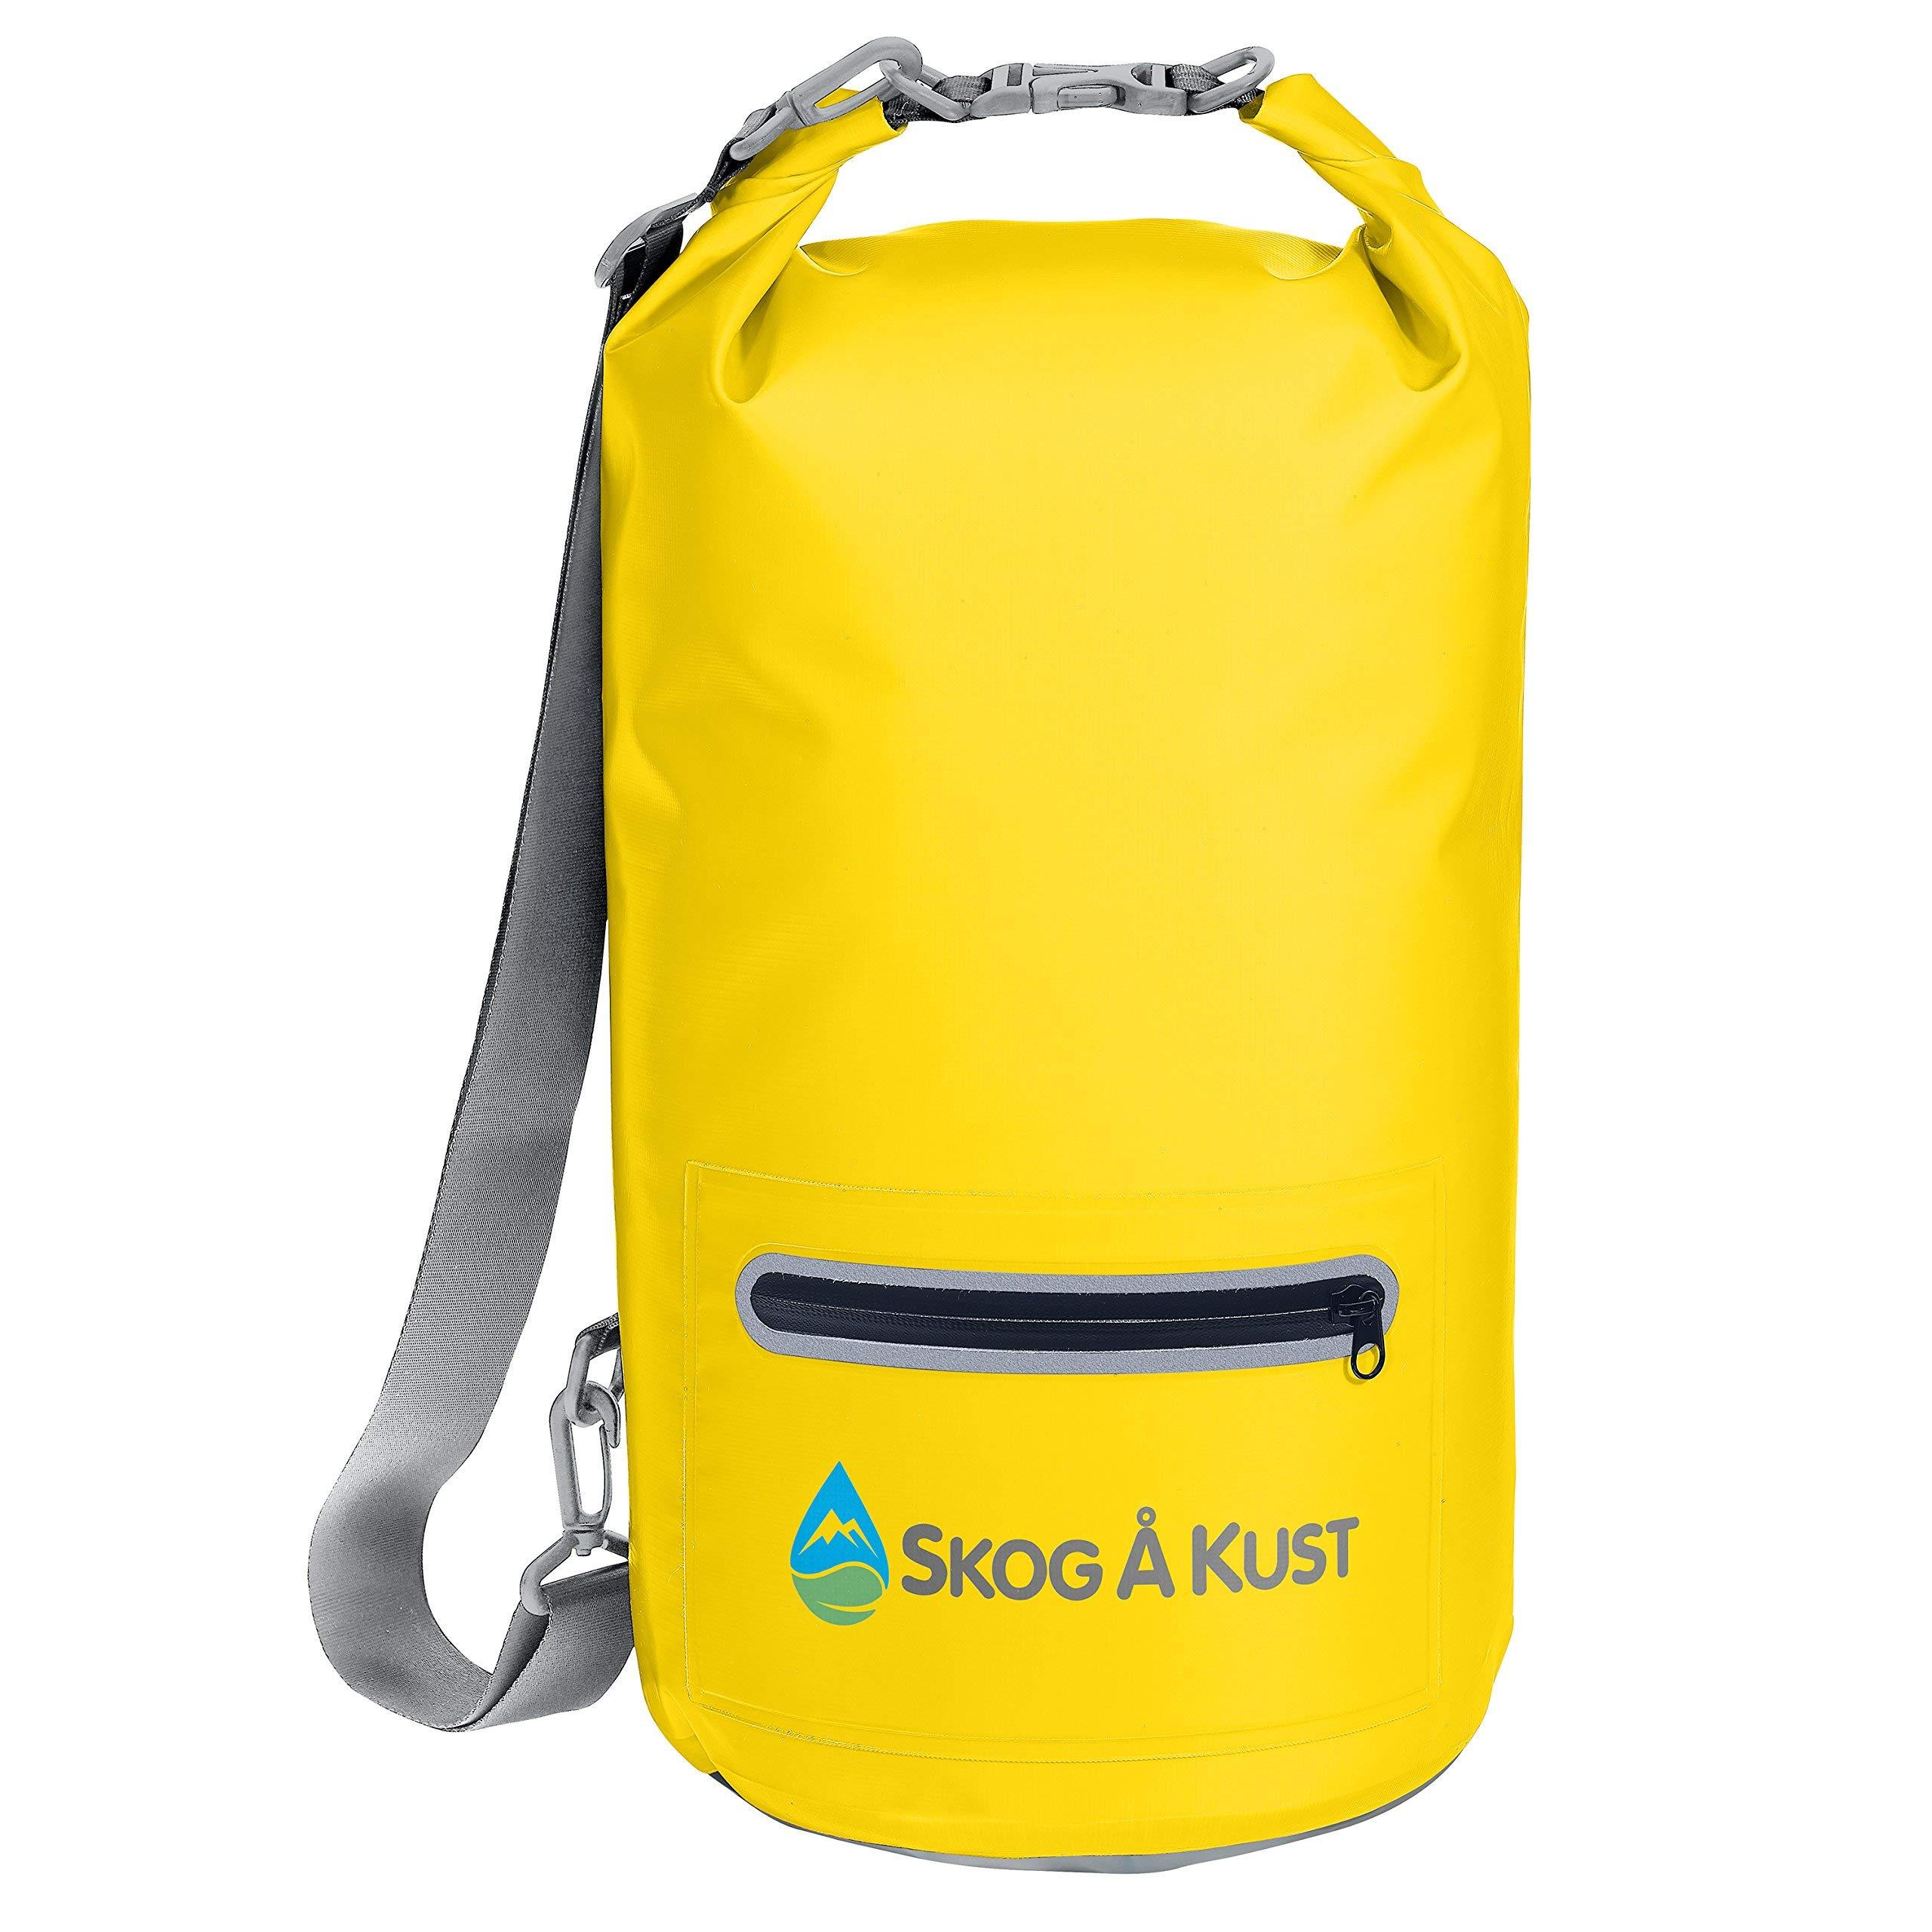 Skog Å Kust DrySak Waterproof Dry Bag   20L Yellow by Skog Å Kust